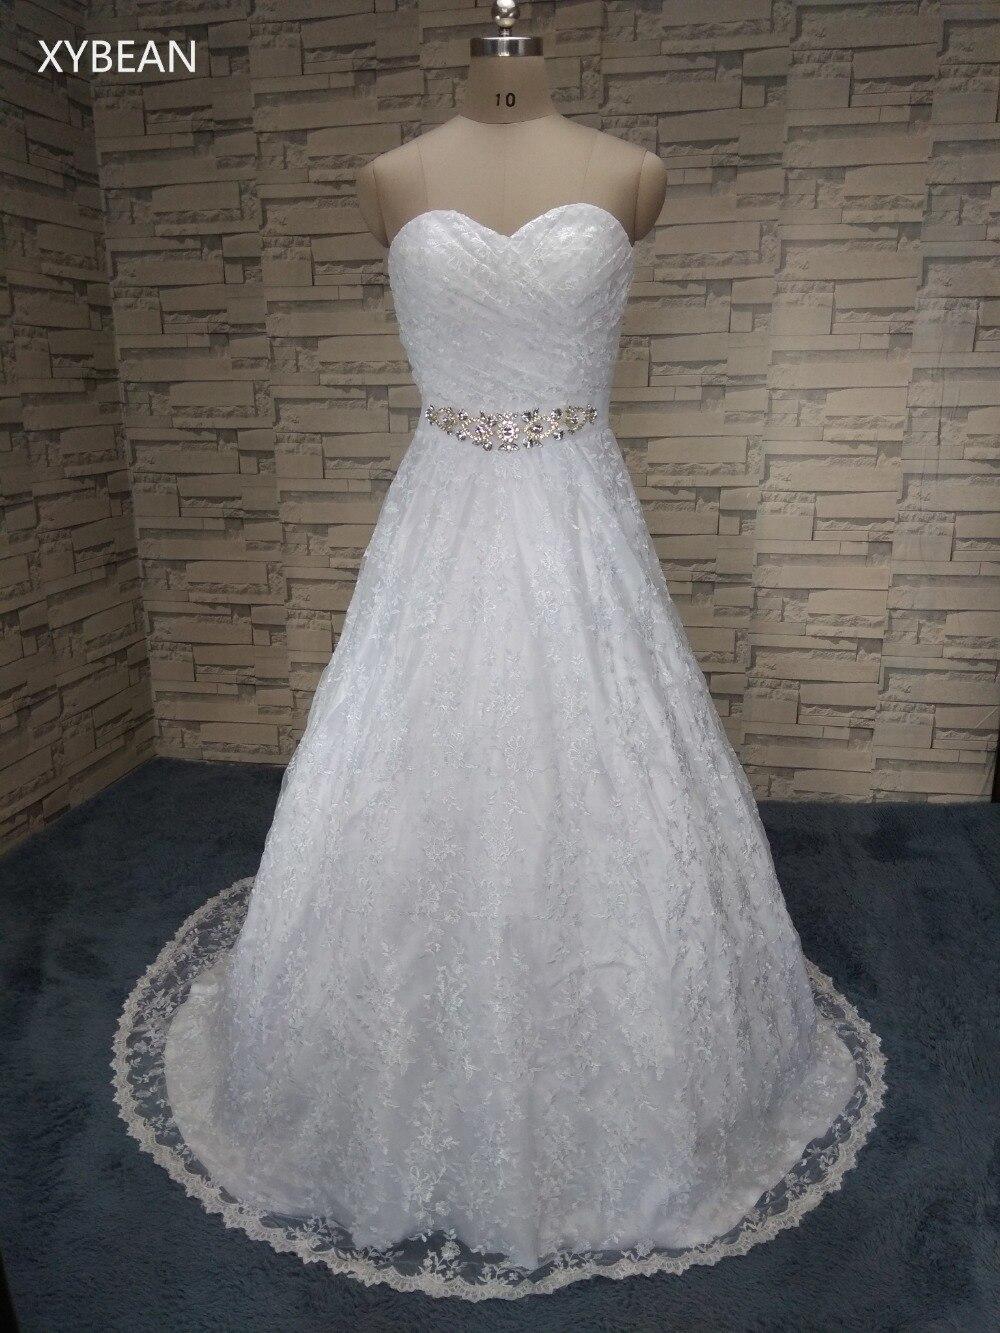 Diskon besar-besaran ! Harga murah ! 2019 kedatangan baru pengiriman gratis manik-manik garis Sayang renda putih / gaun pengantin gading FS021